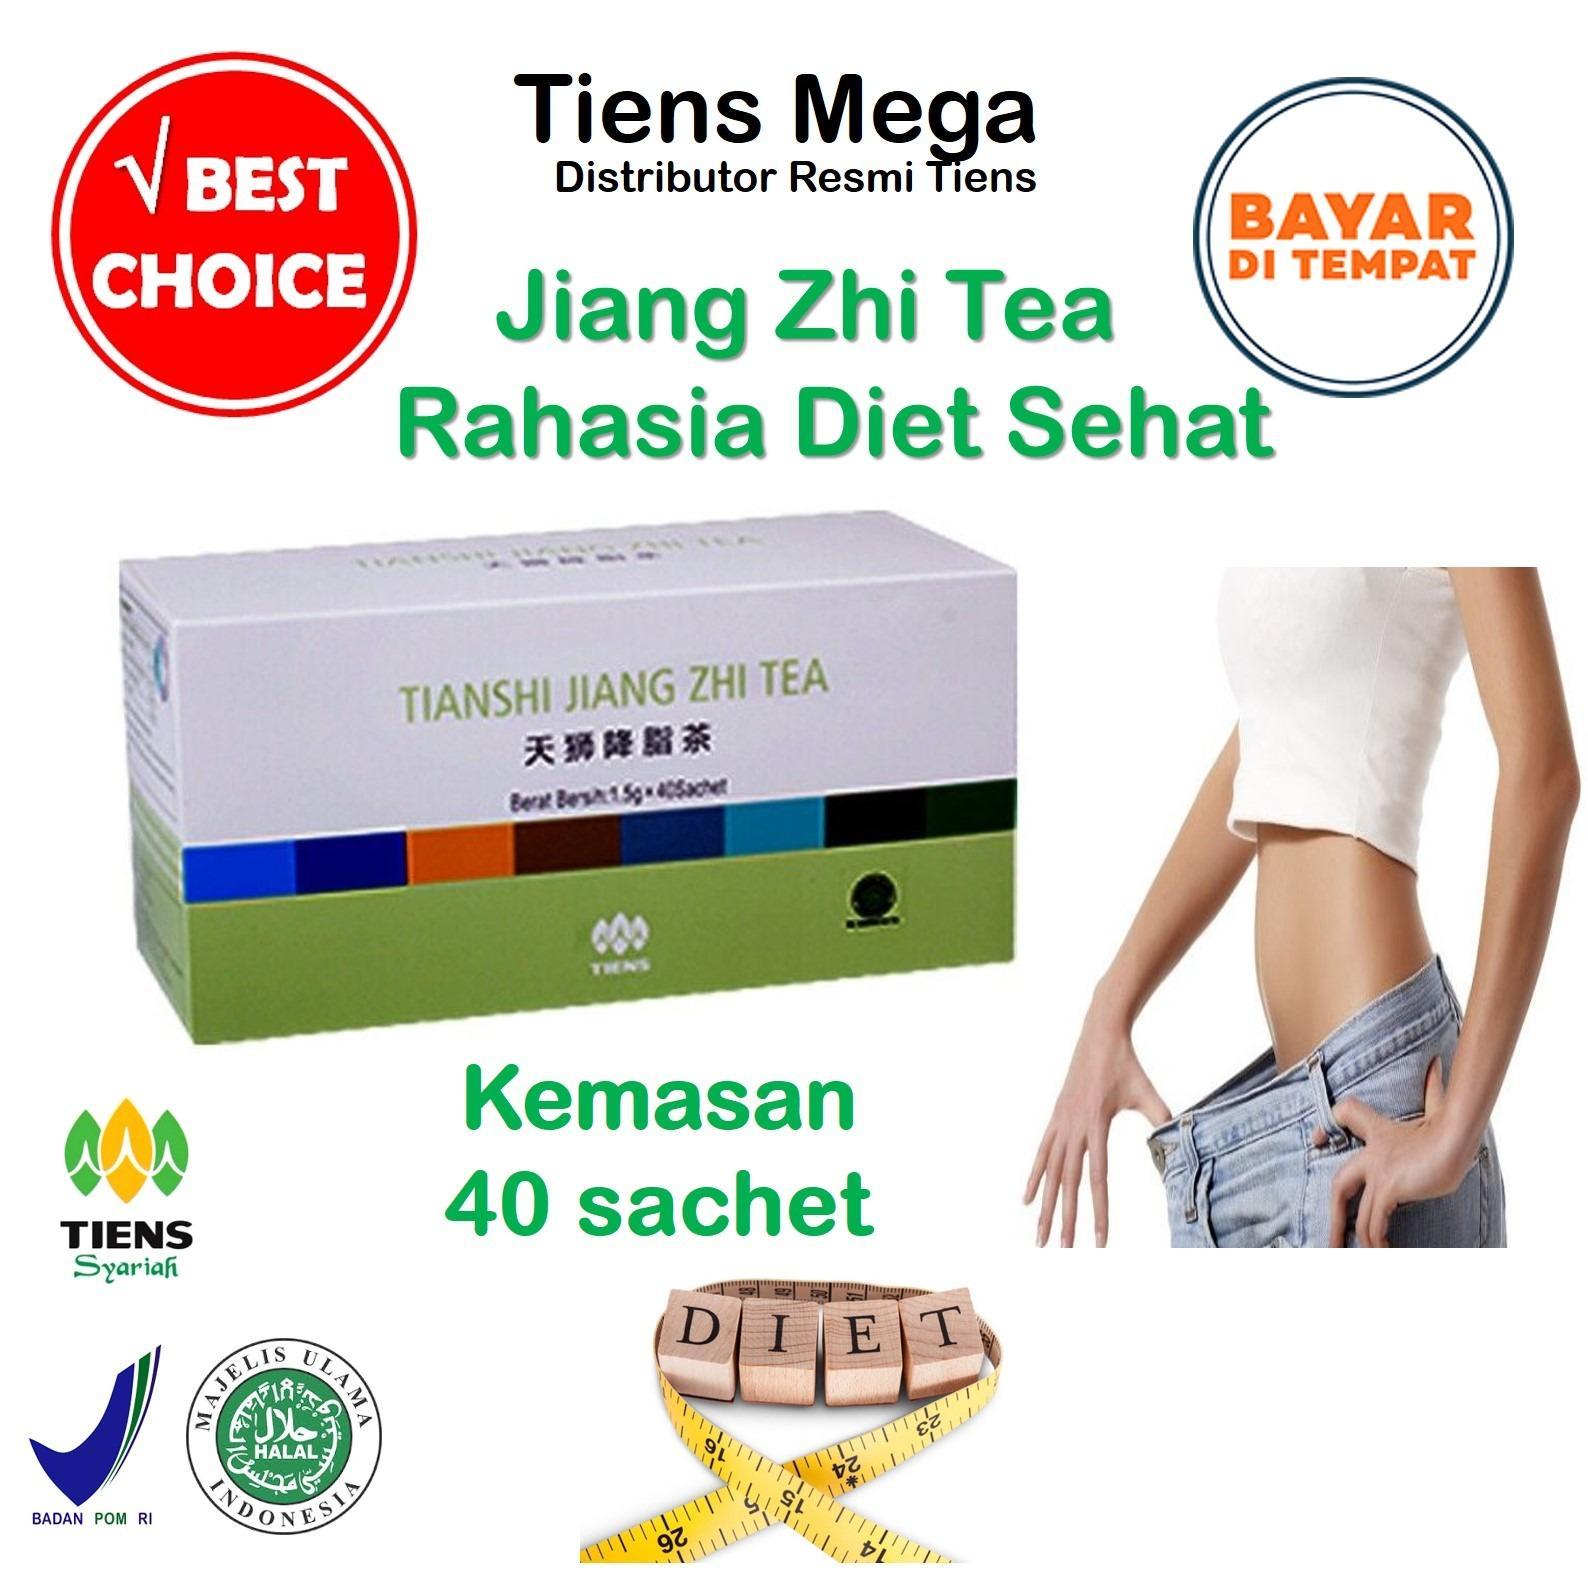 Ulasan Tentang Tiens Jiang Zhi Tea Solusi Diet Sehat Paket Promo Banting Harga 40 Sachet Gratis Kartu Diskon Tiens Mega